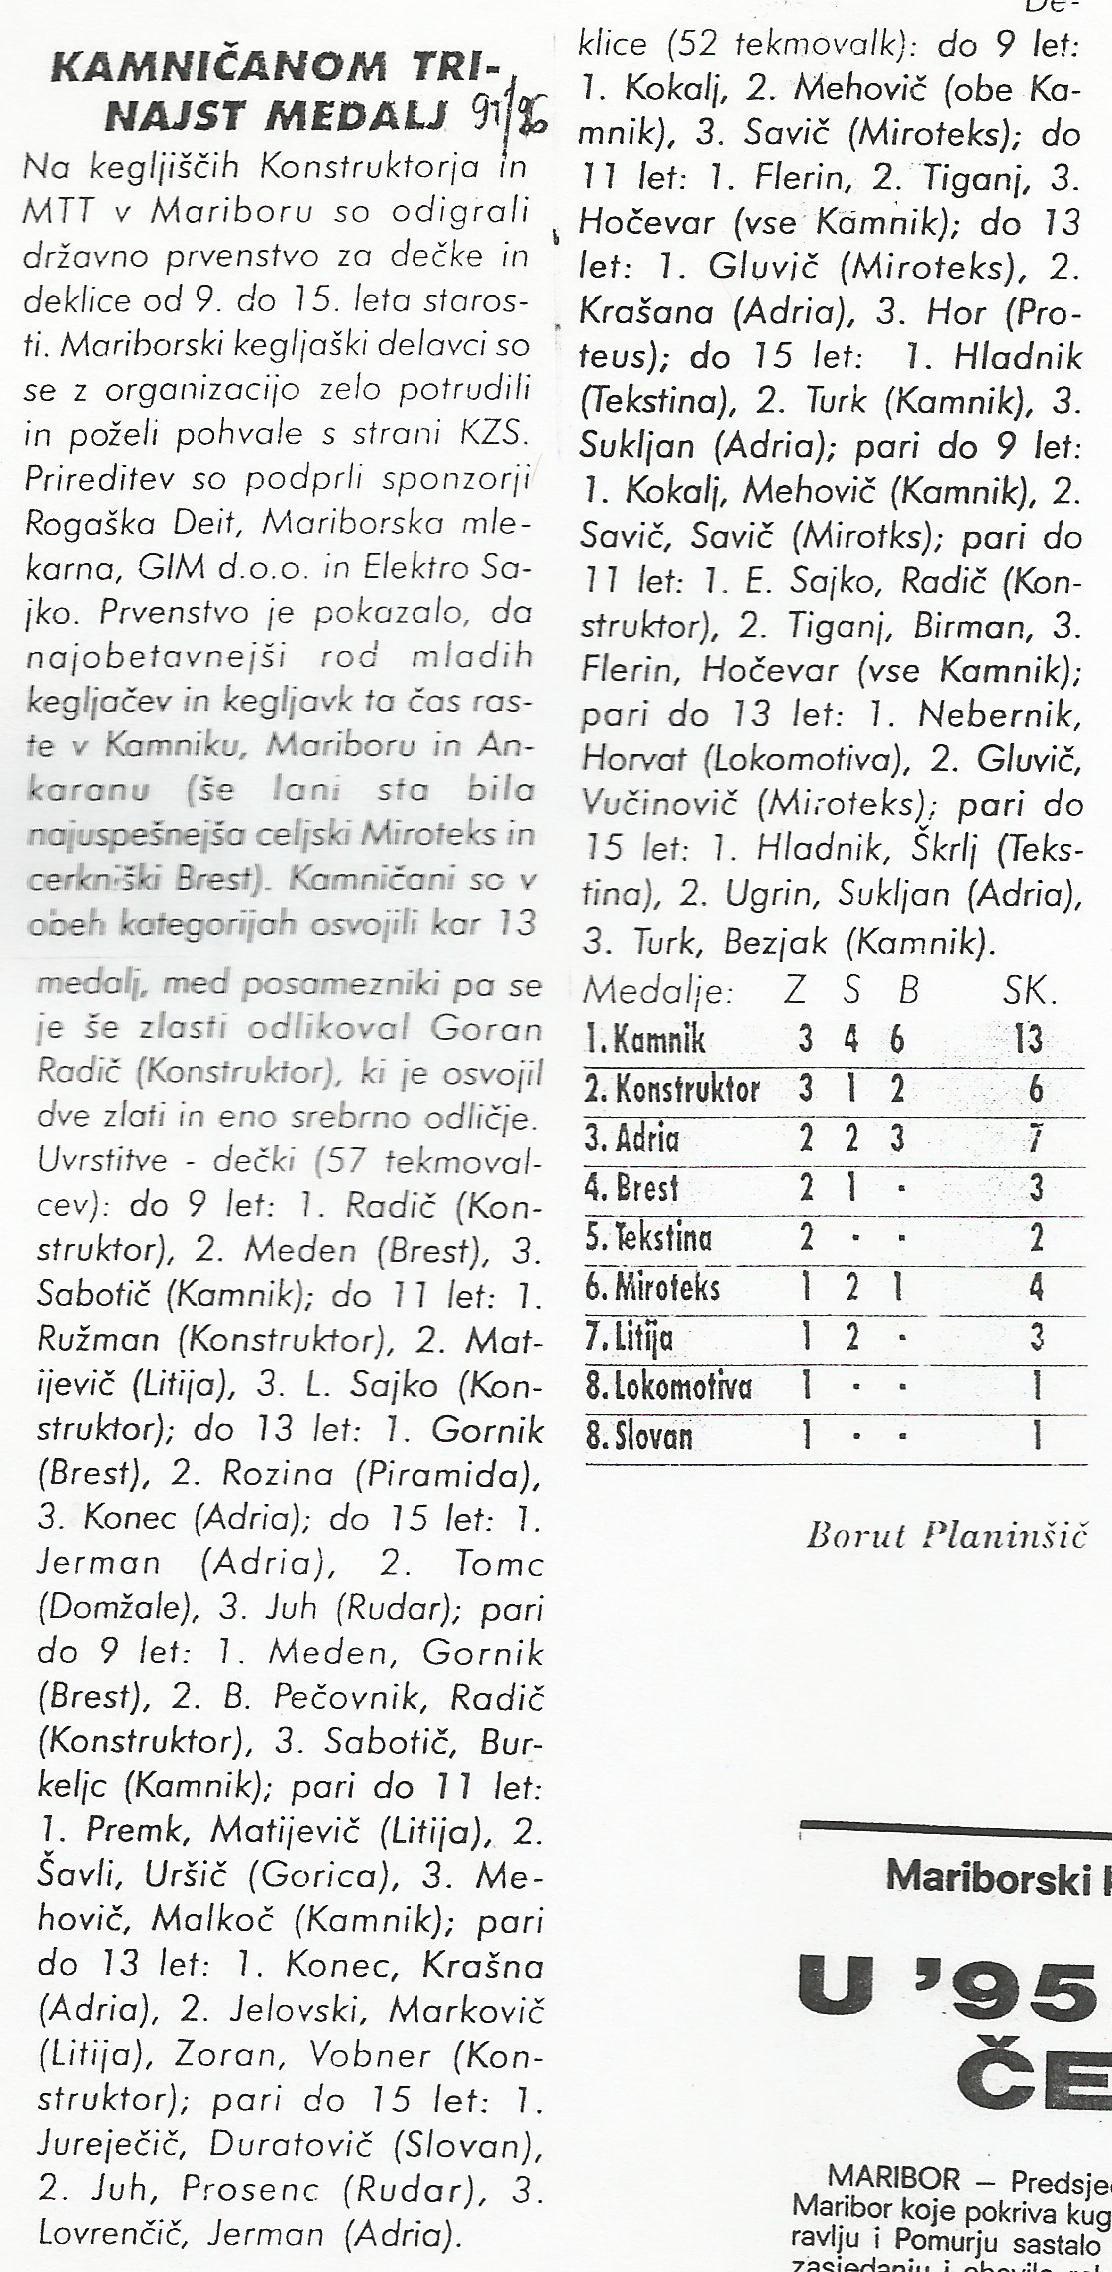 OKZ prvenstvo, Ekipa, 1995